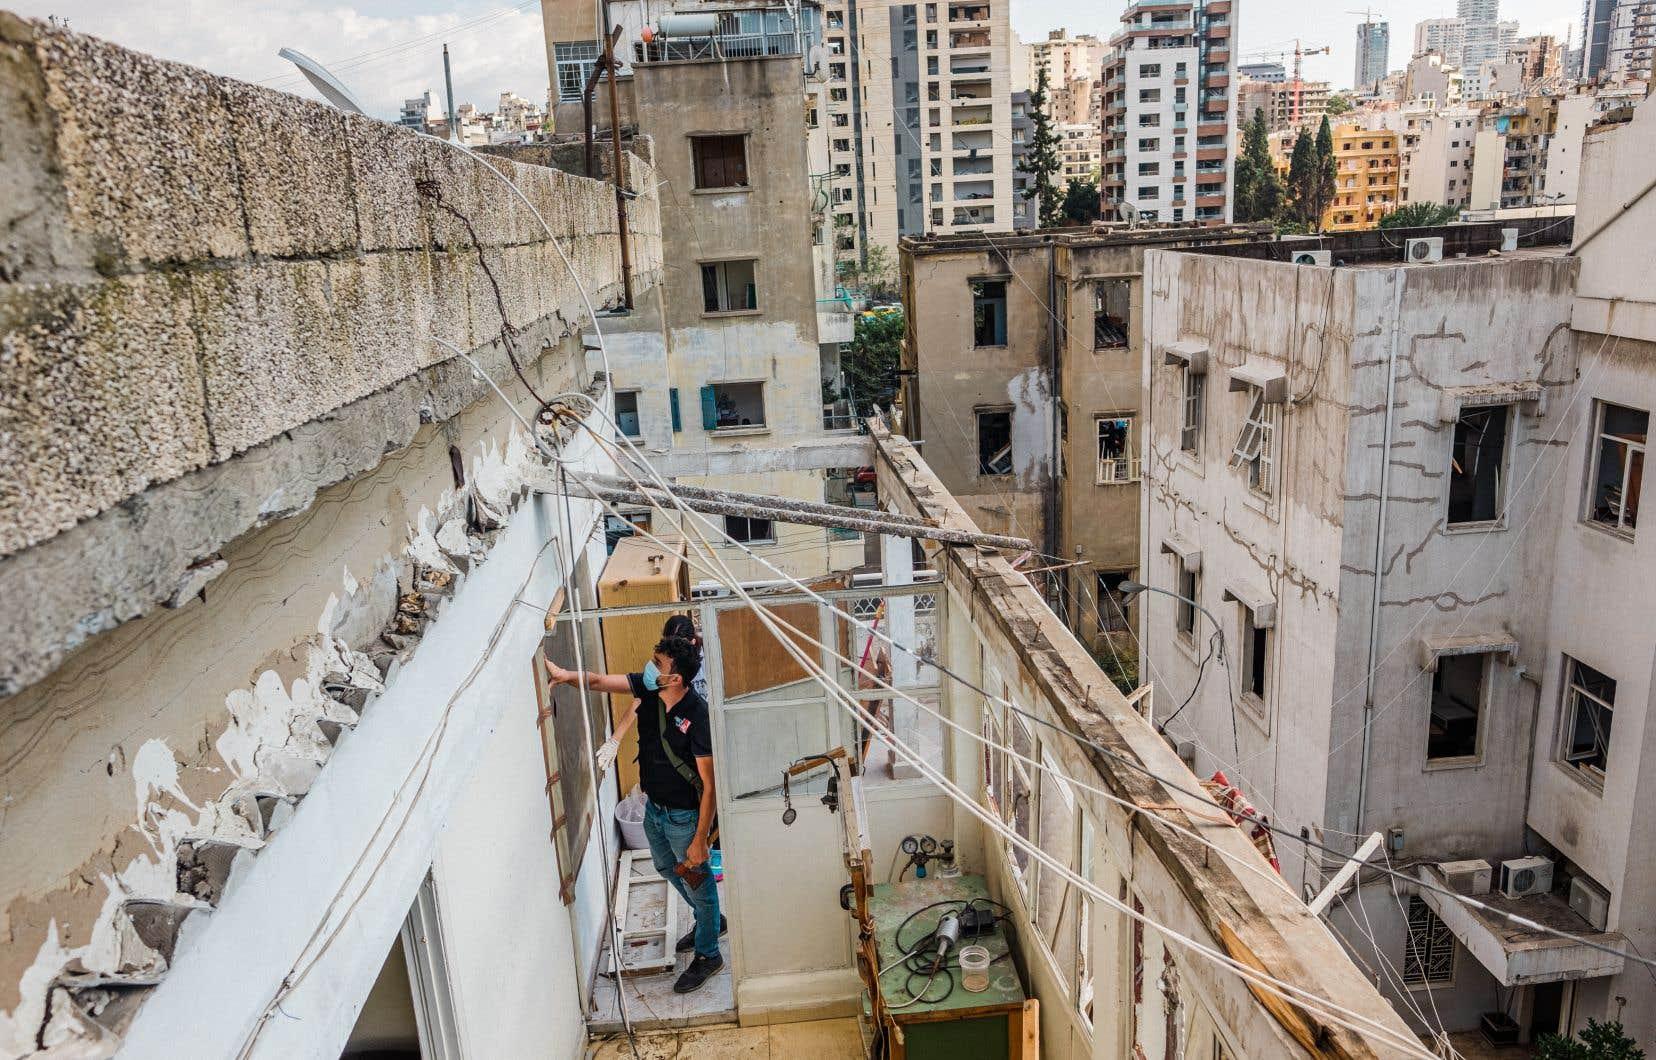 Des membres  de l'Union  de la jeunesse démocratique  libanaise  faisaient le tour  des maisons pour installer  du plastique dans les  fenêtres brisées par l'explosion et pour  participer  au nettoyage.